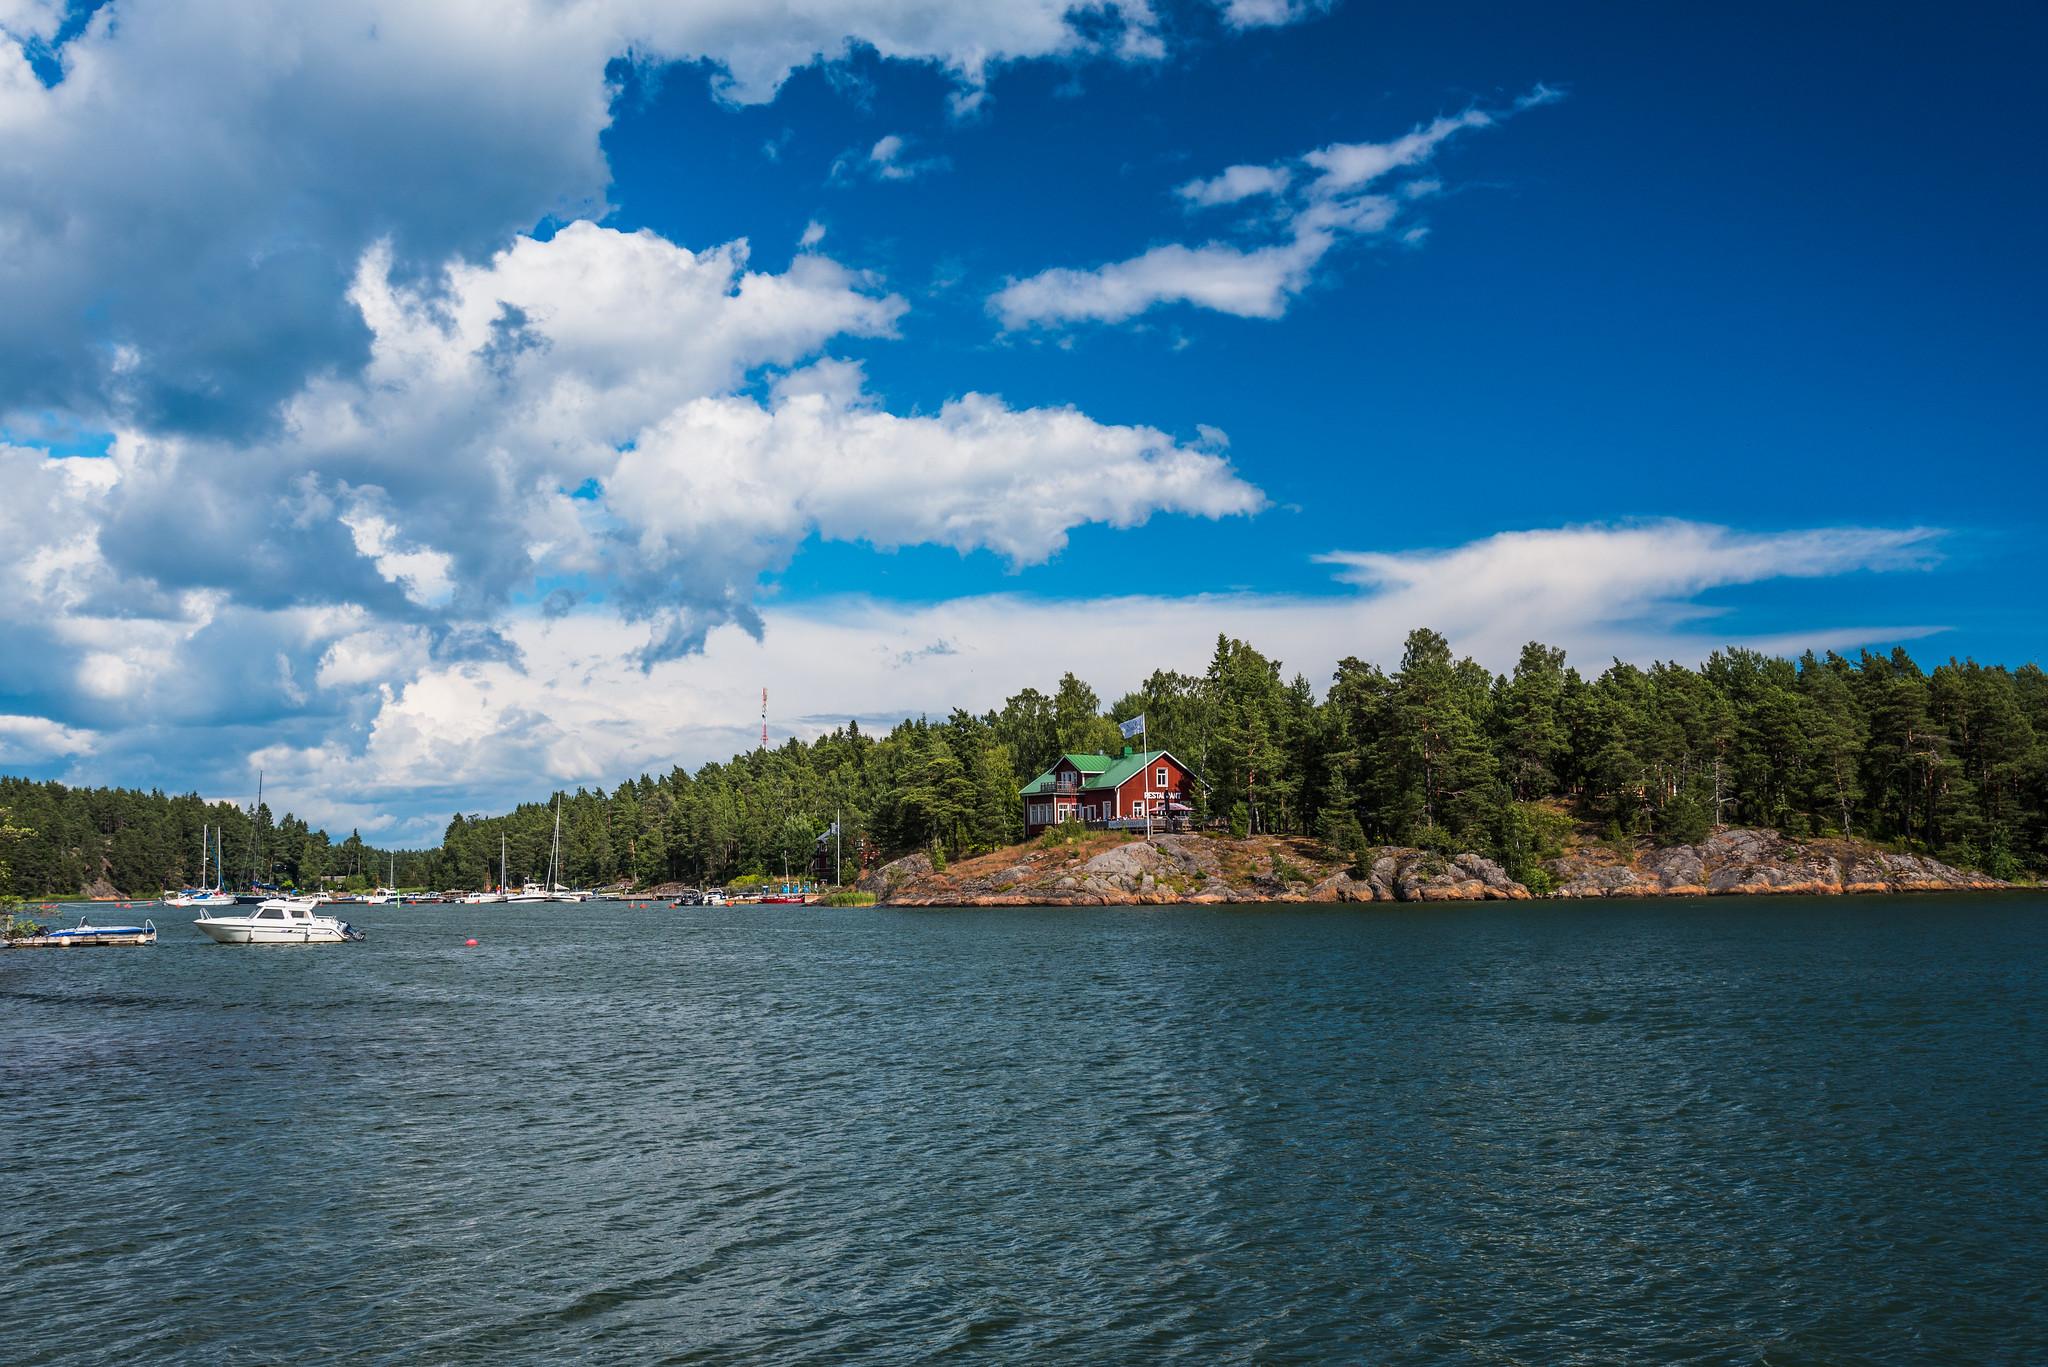 OH/DL2SWW Orslandet Island, Finland